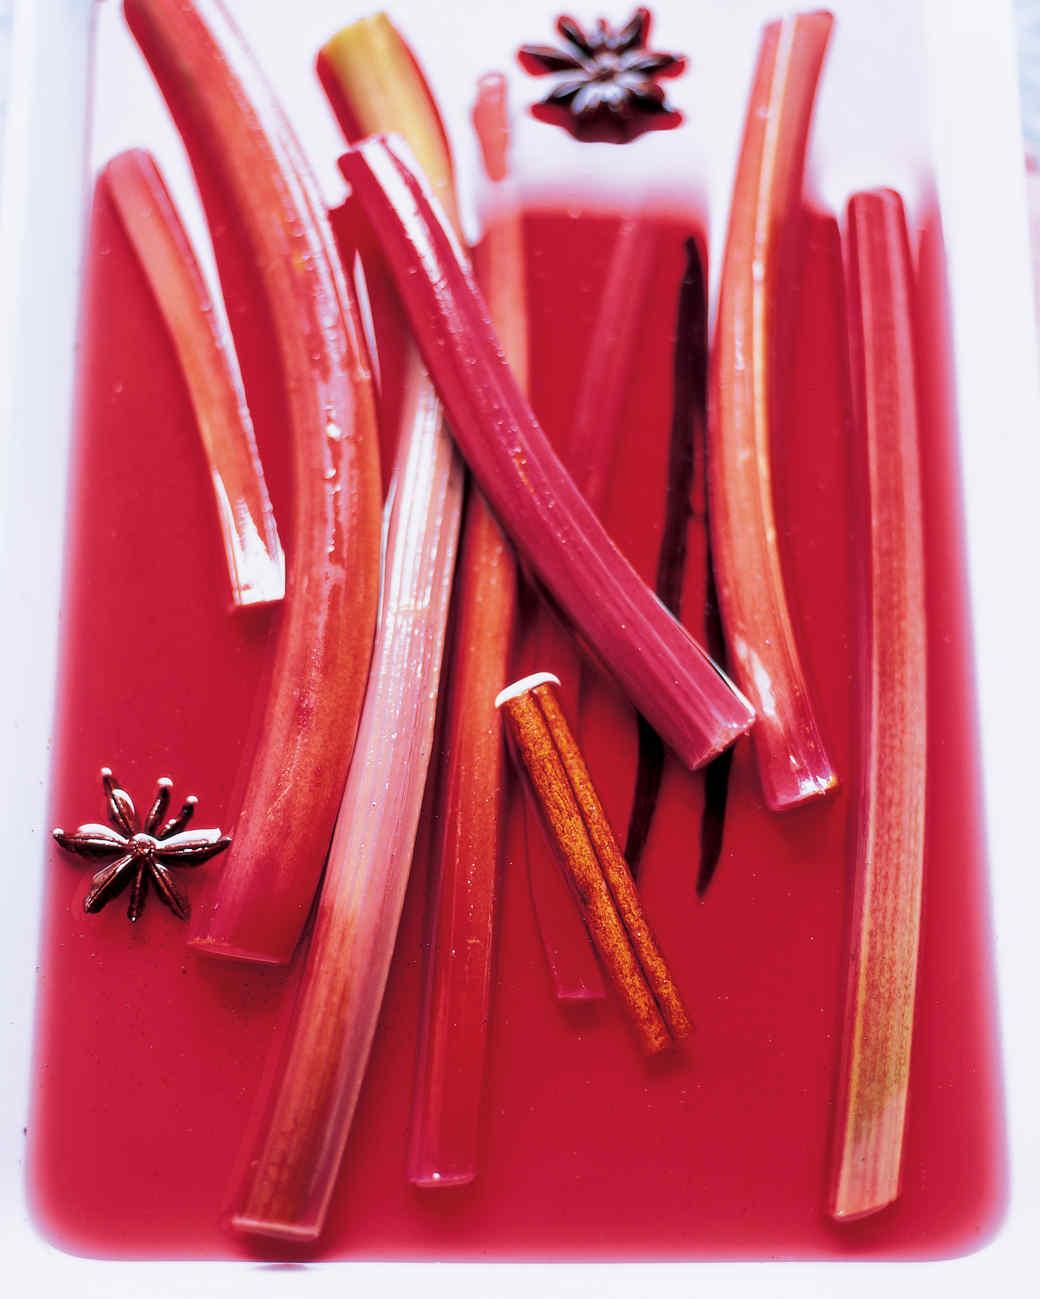 rose-poached-rhubarb-0308-mla103272.jpg